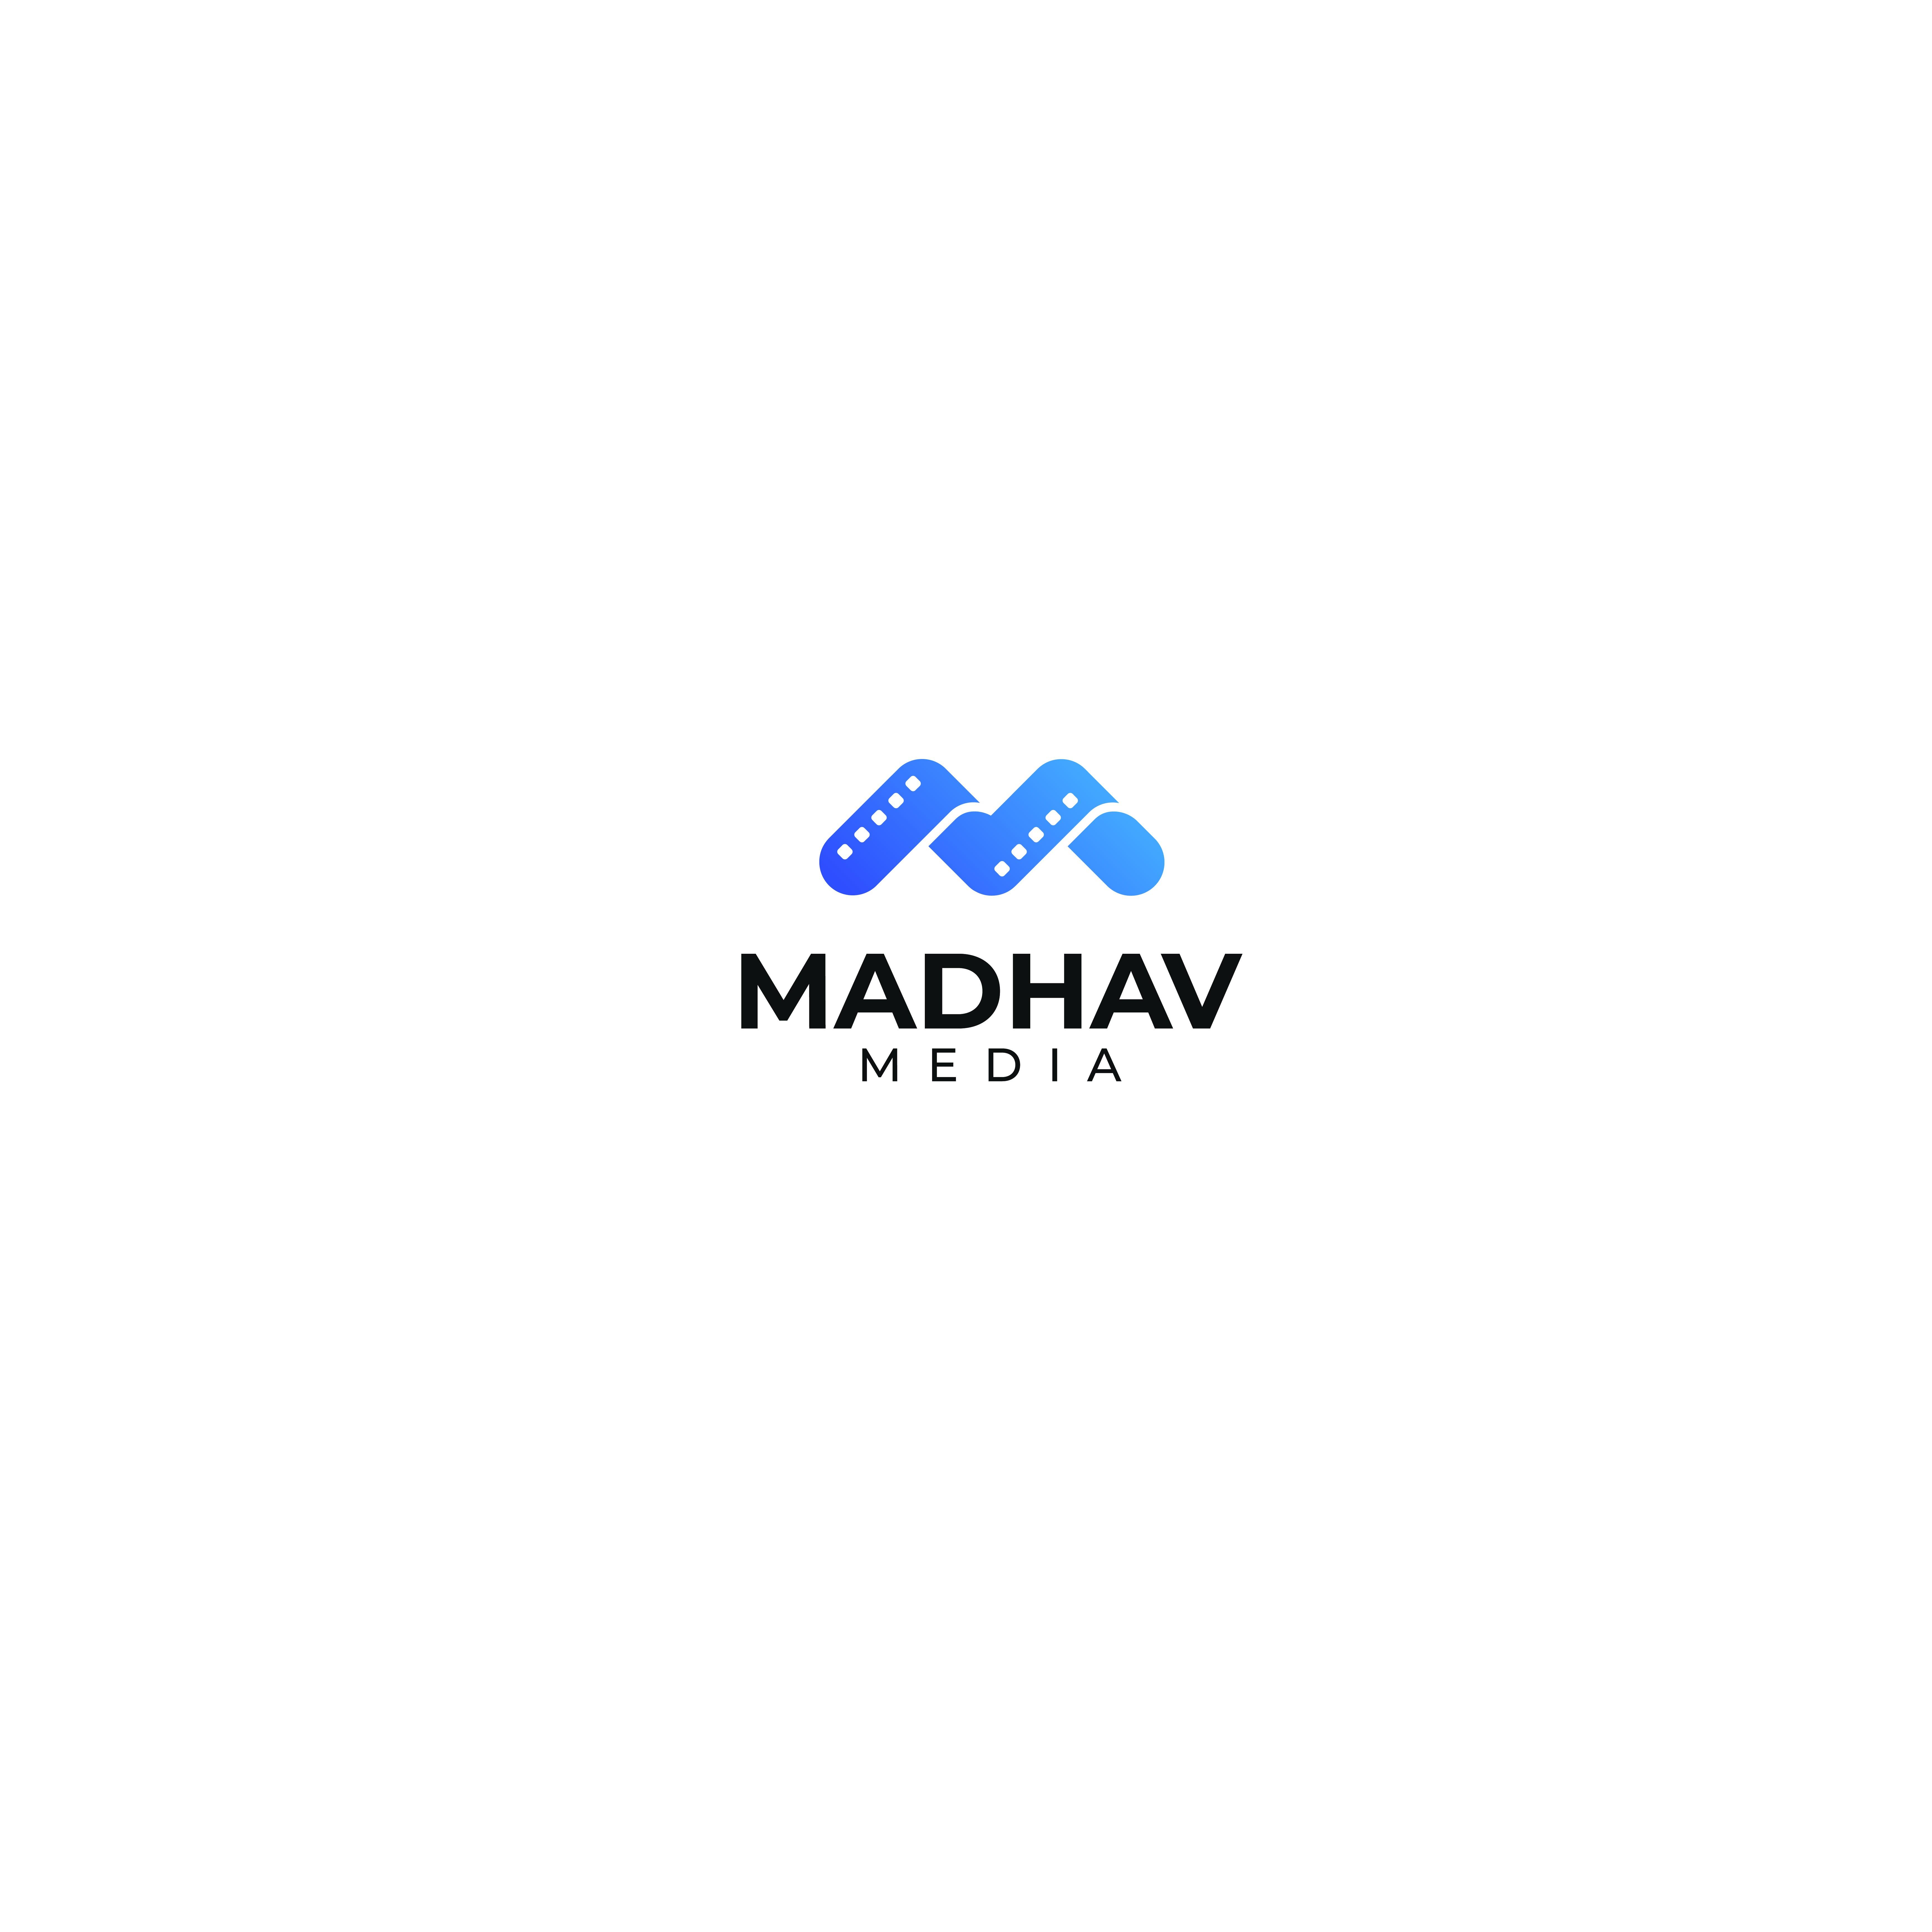 Desgin a brand for Film production company